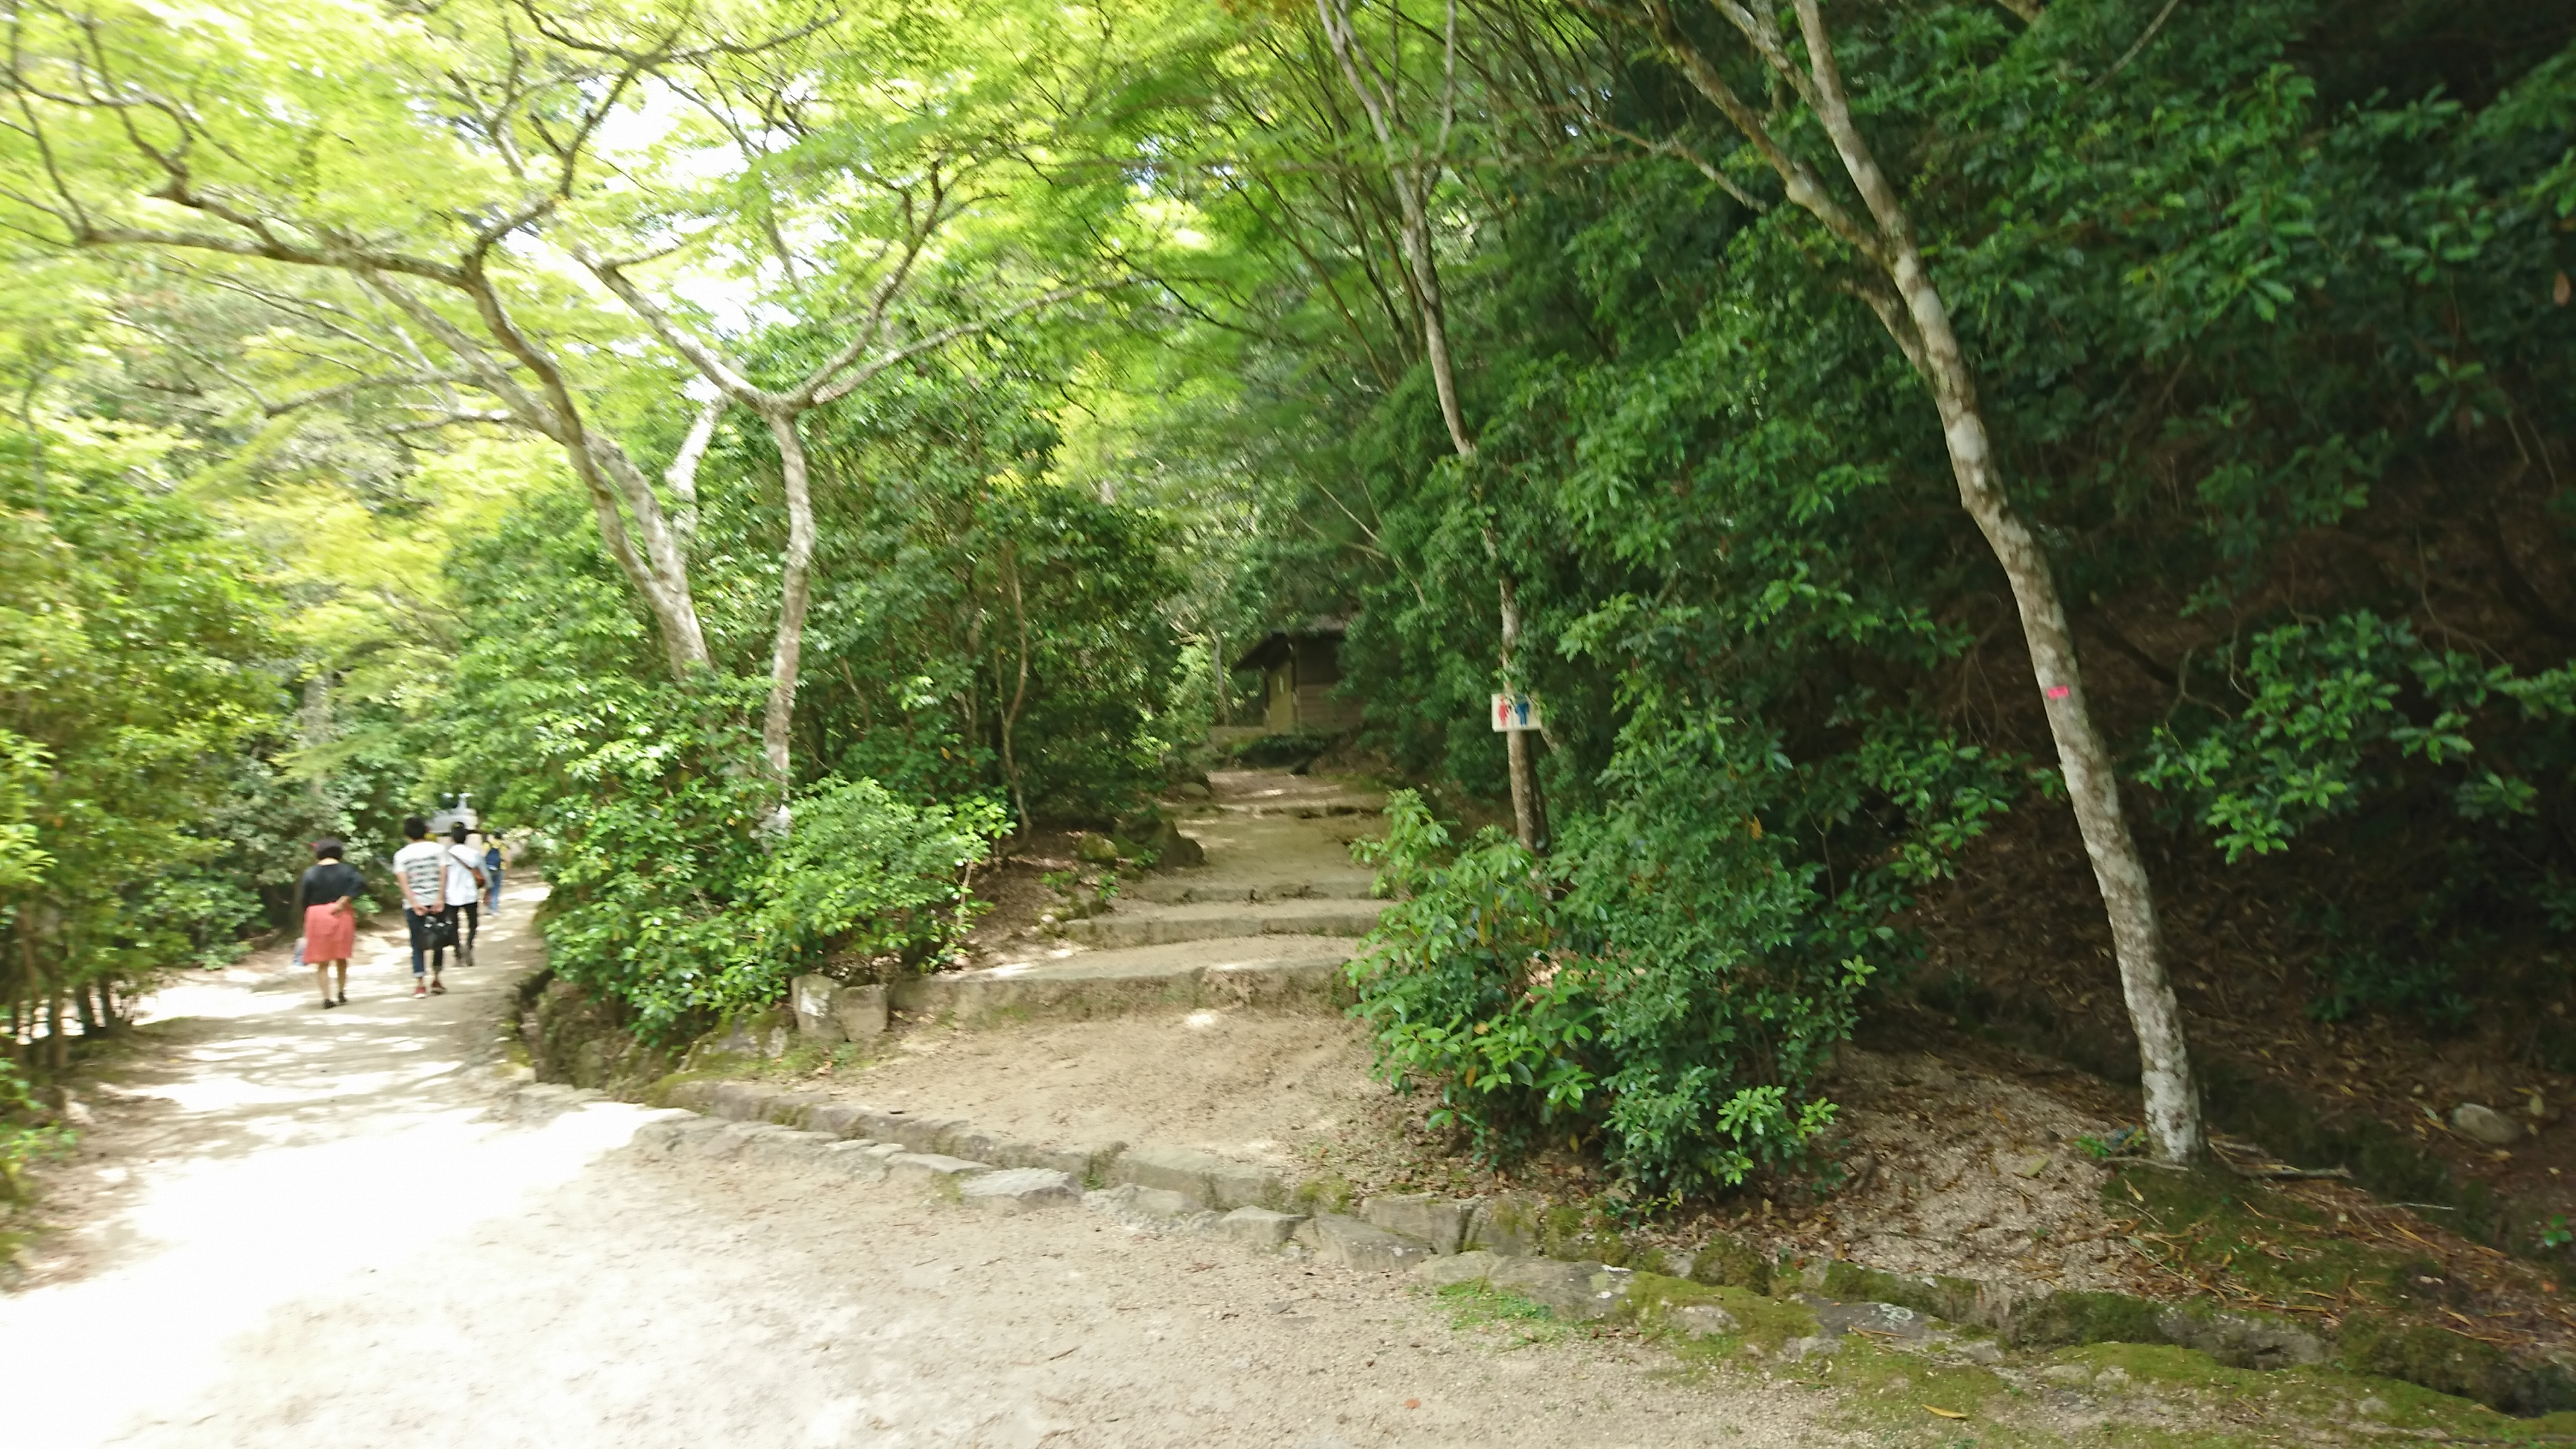 宮島ロープウェイ紅葉谷駅に向かう道のり